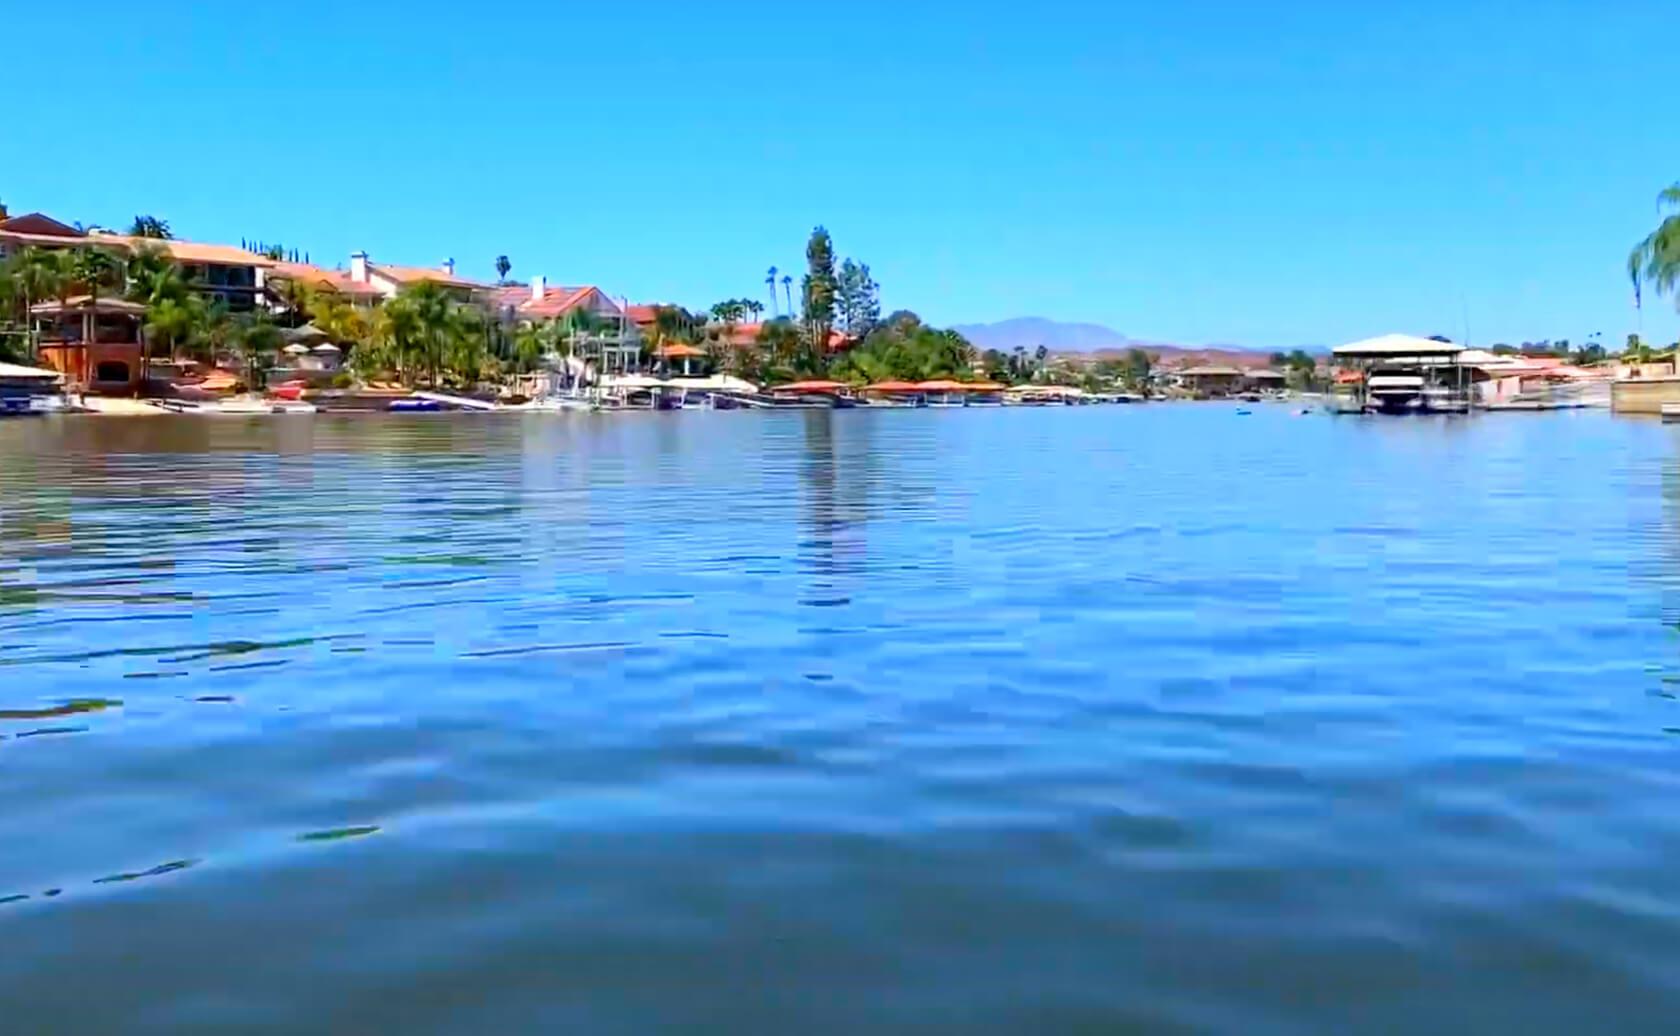 Canyon-Lake-Fishing-Guide-Report-California-92587-11